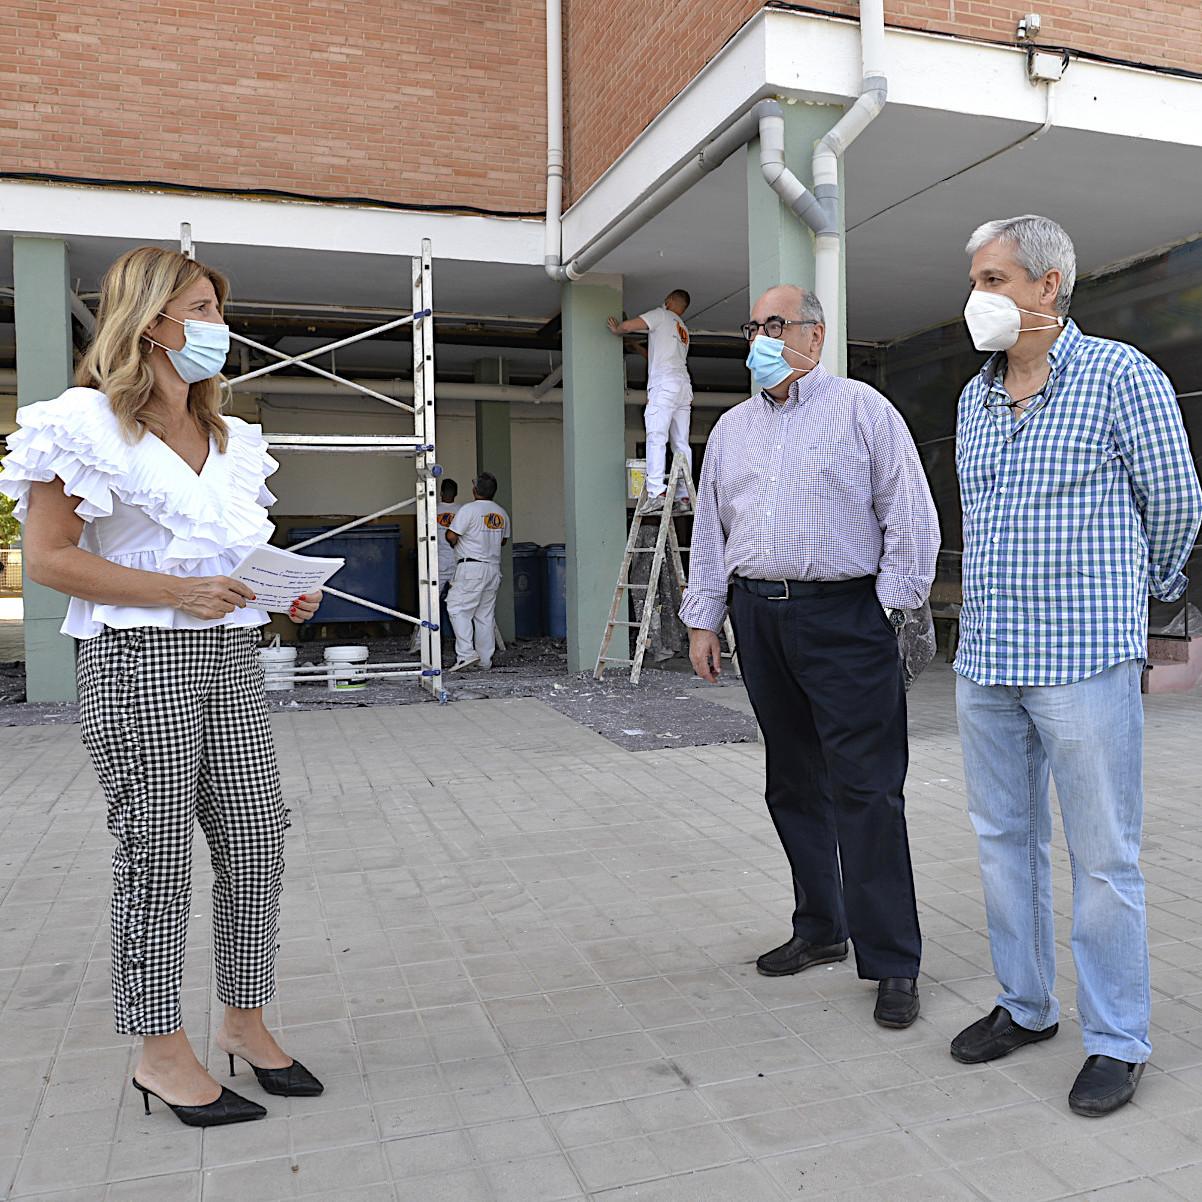 ©Ayto.Granada: Avanzan a buen ritmo las labores de pintura interior y exterior en 7 colegios de la ciudad